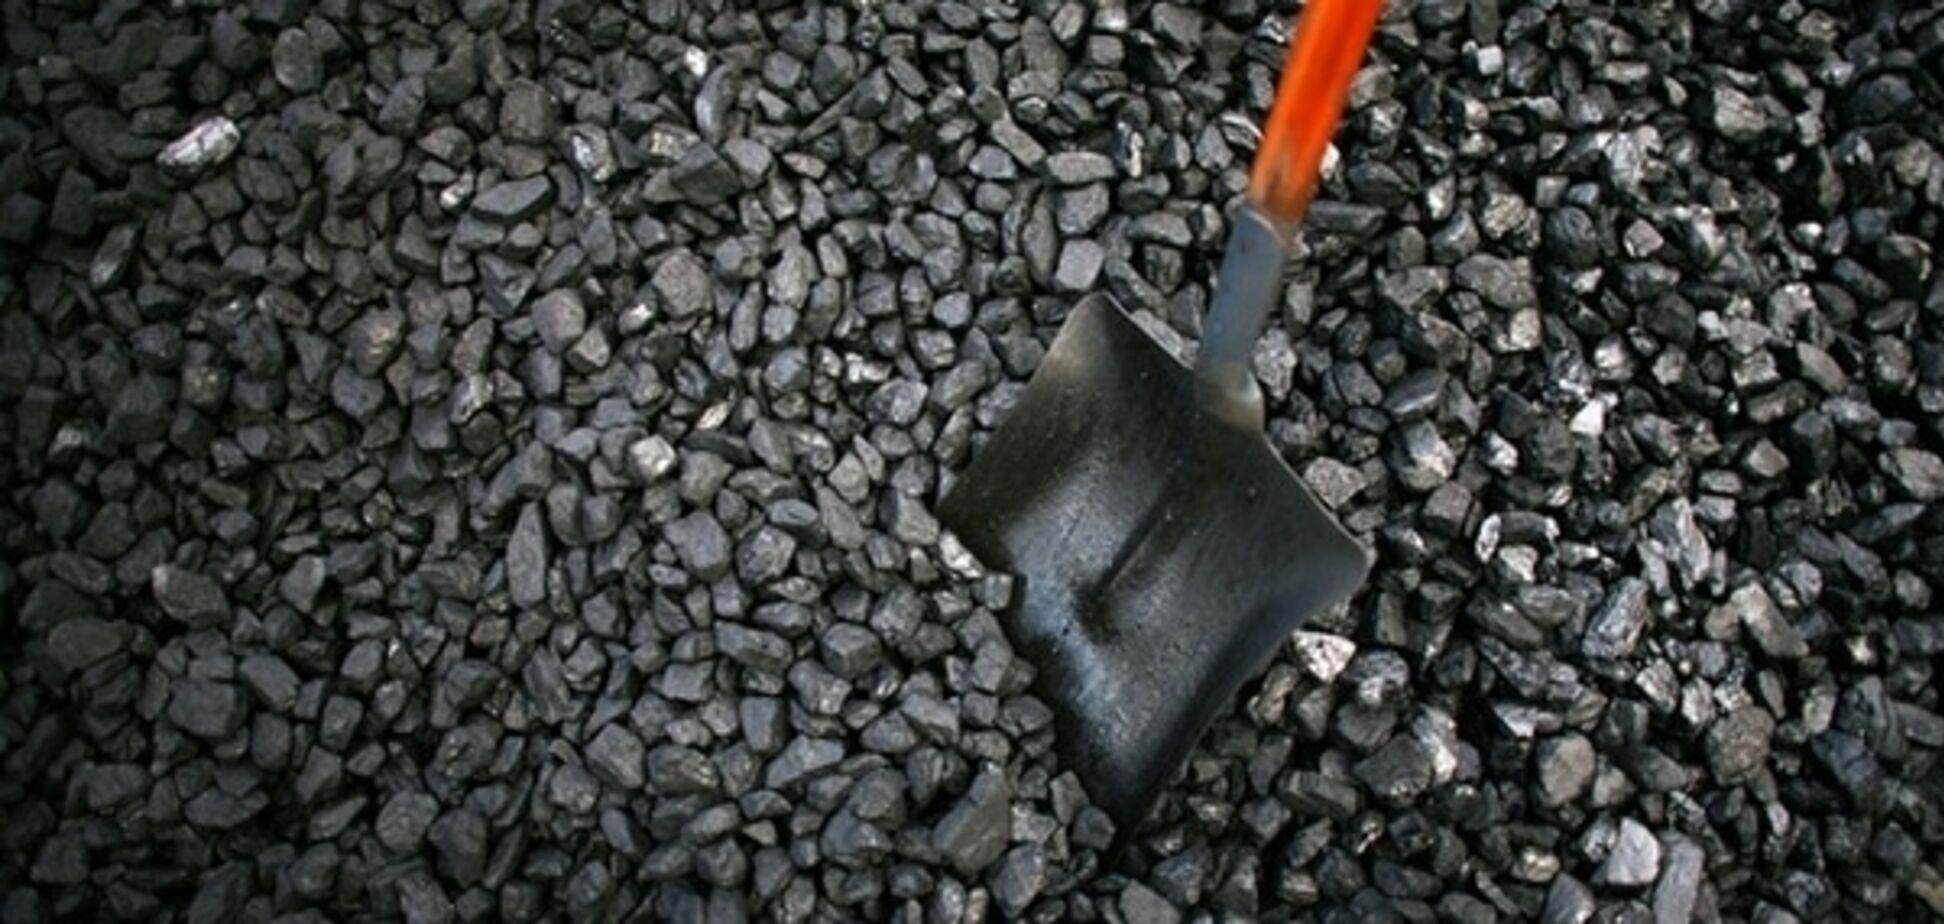 Из зоны АТО доставили 700 тысяч тонн угля - Пивоварский